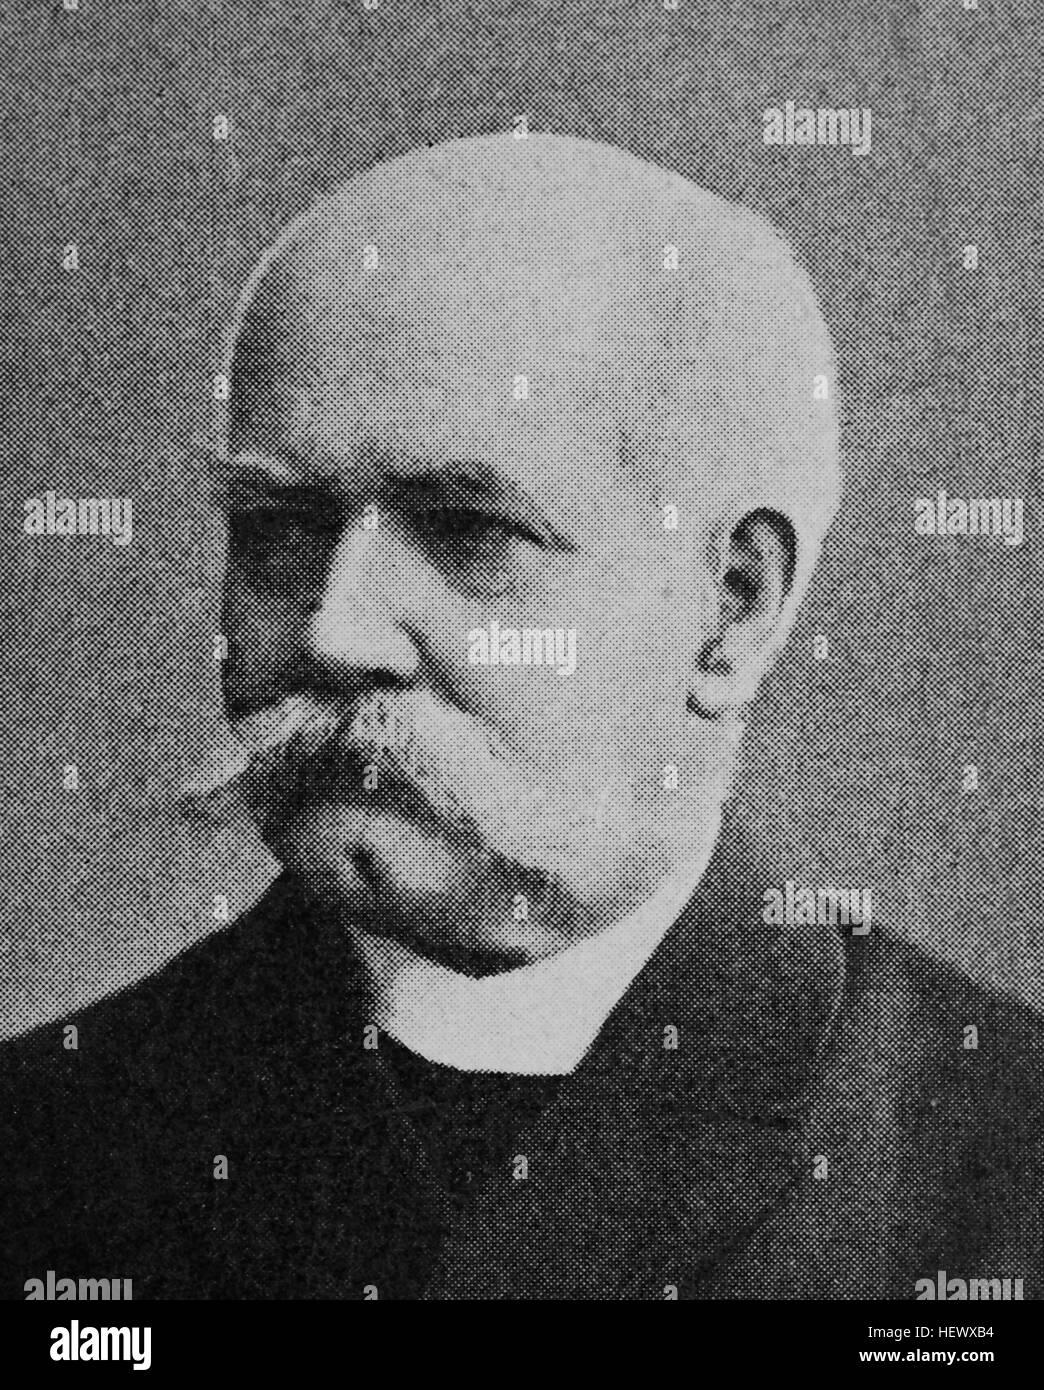 Albert Karl Friedrich Wilhelm von Boguslawski, 1834 - 1905, Prussian General, Military writer, picture from 1895, - Stock Image